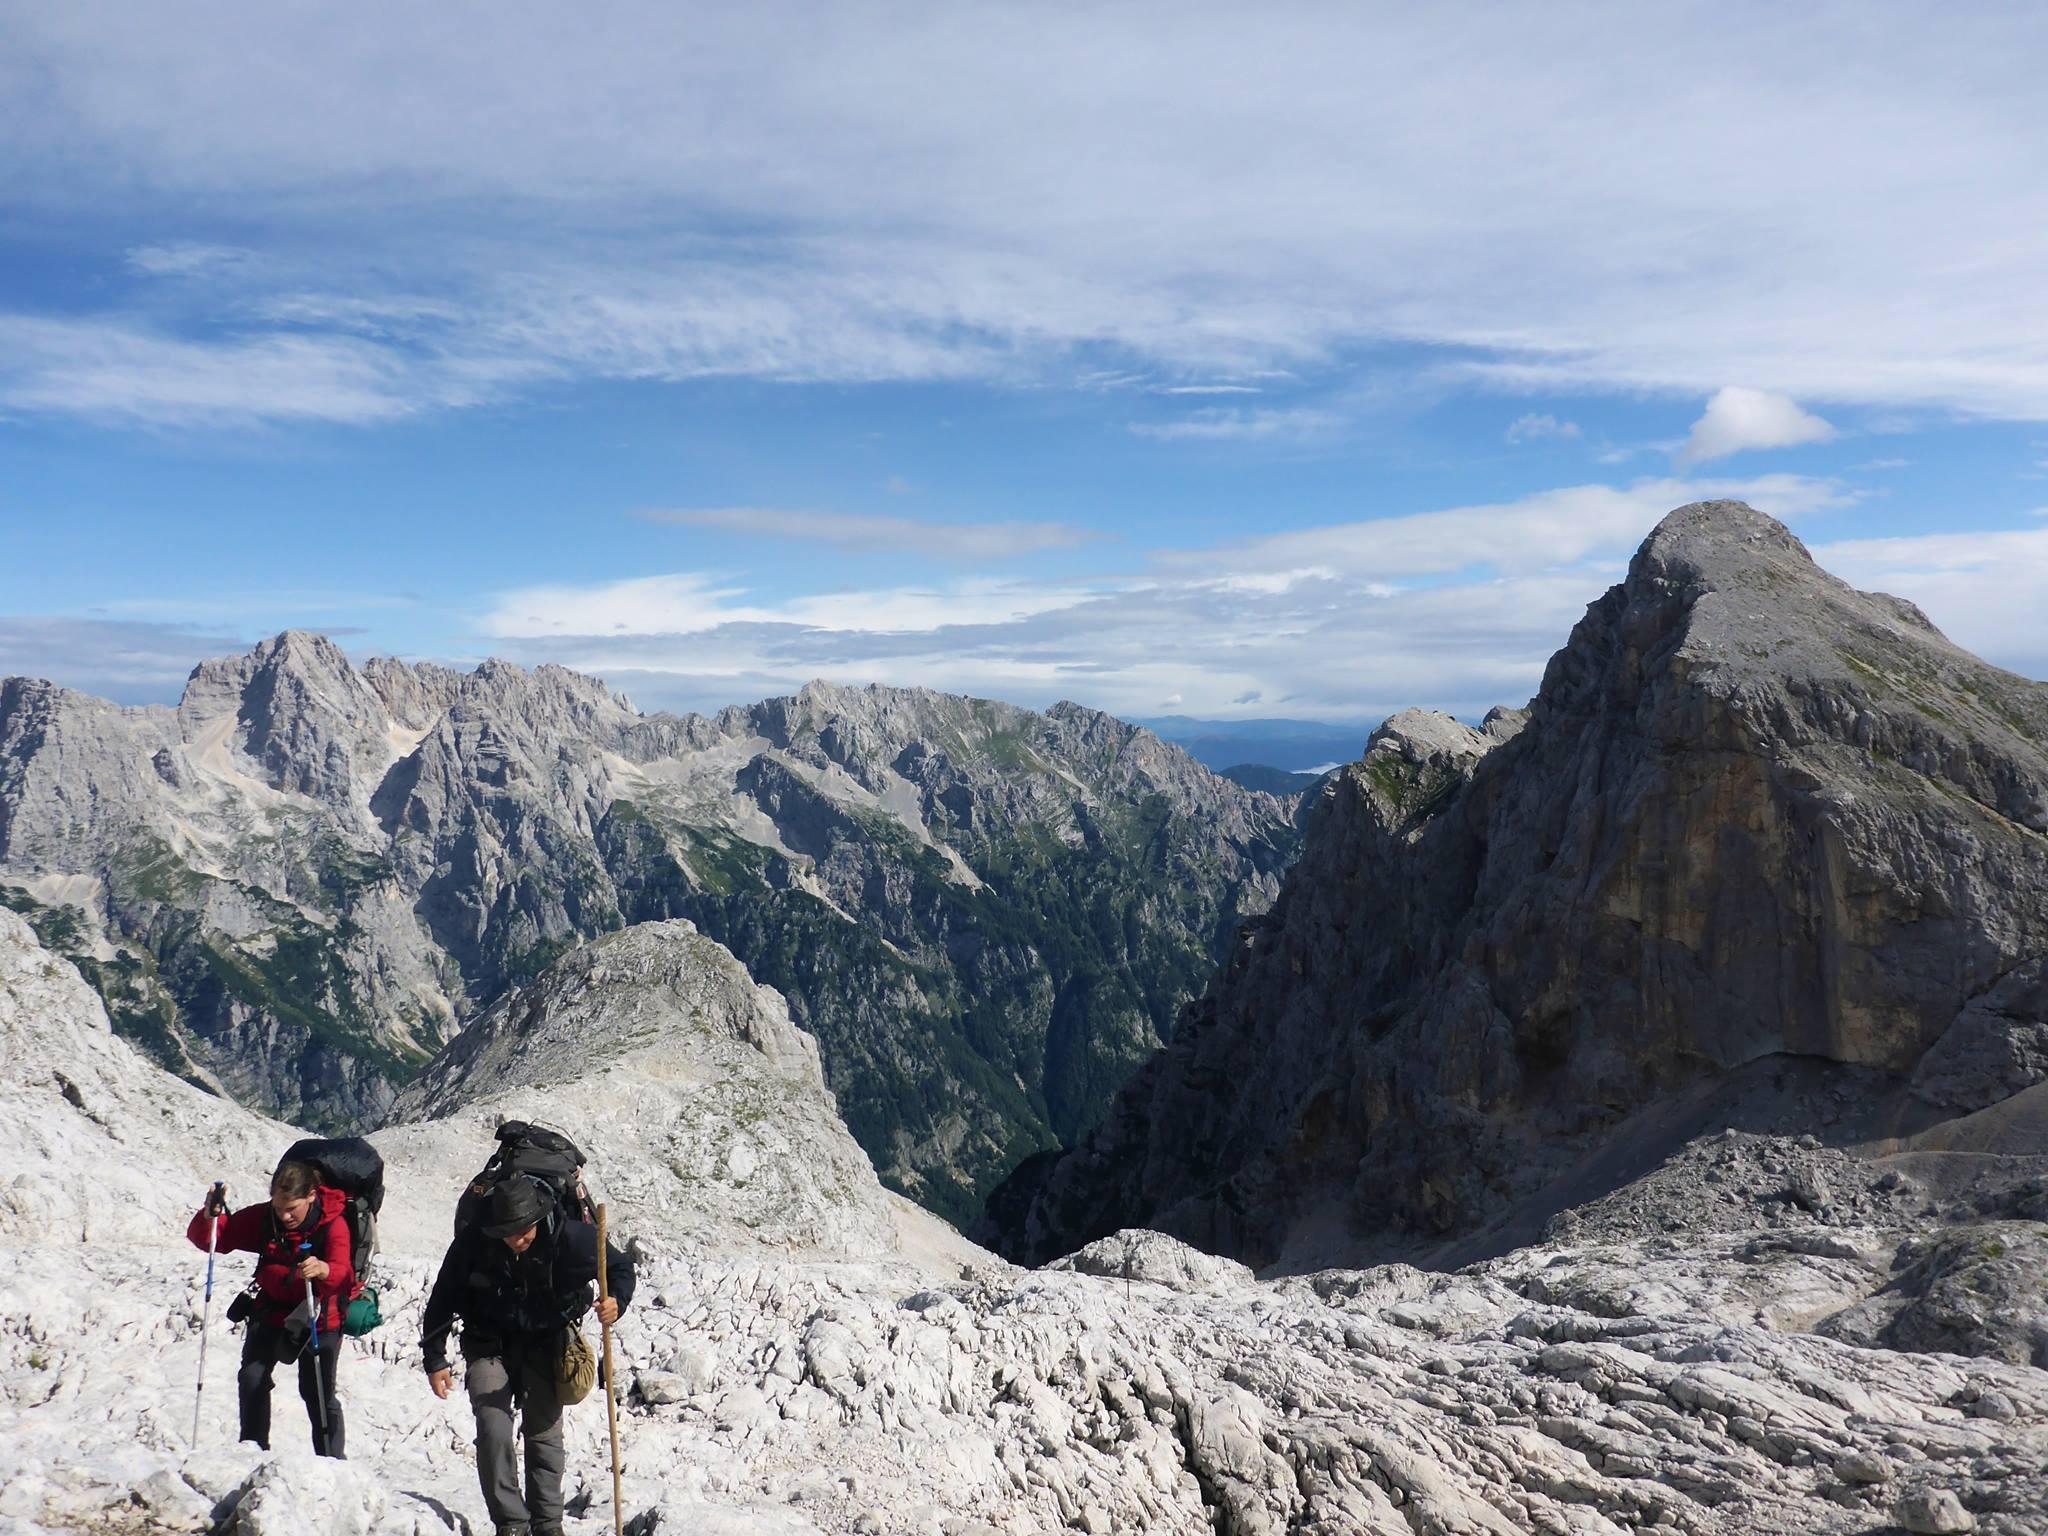 Nous poursuivons notre marche à travers le massif